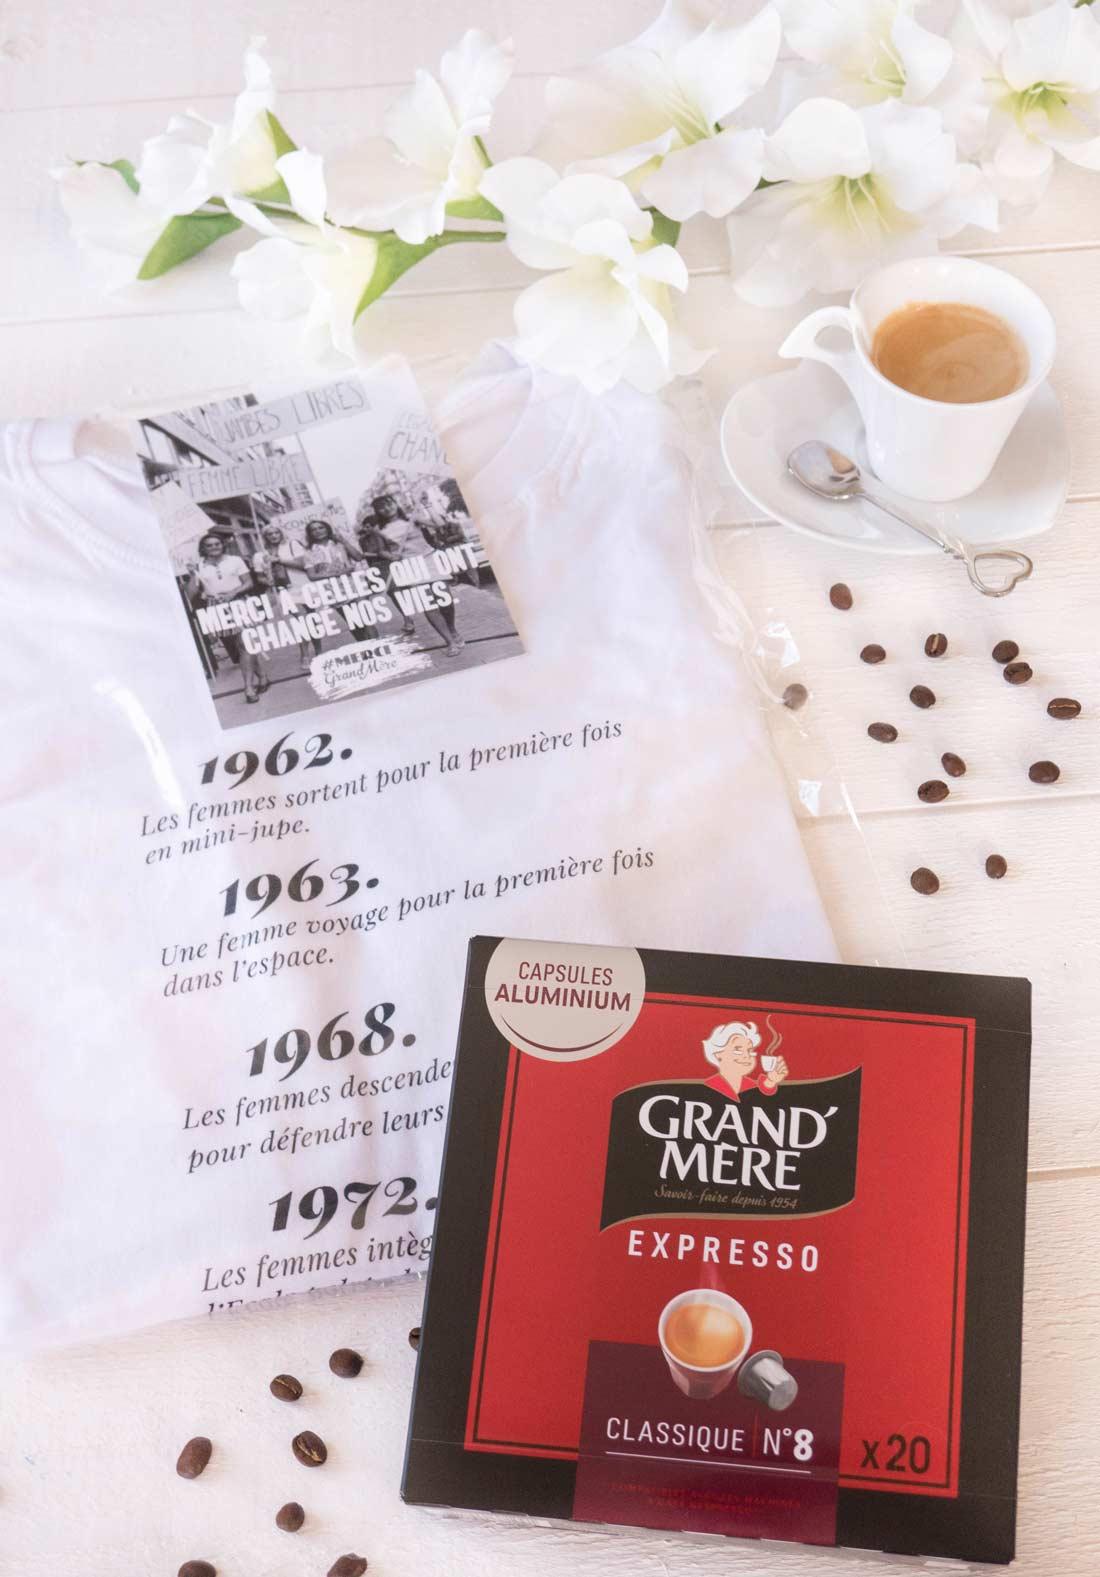 Jeu concours Café Grand Mère 2019